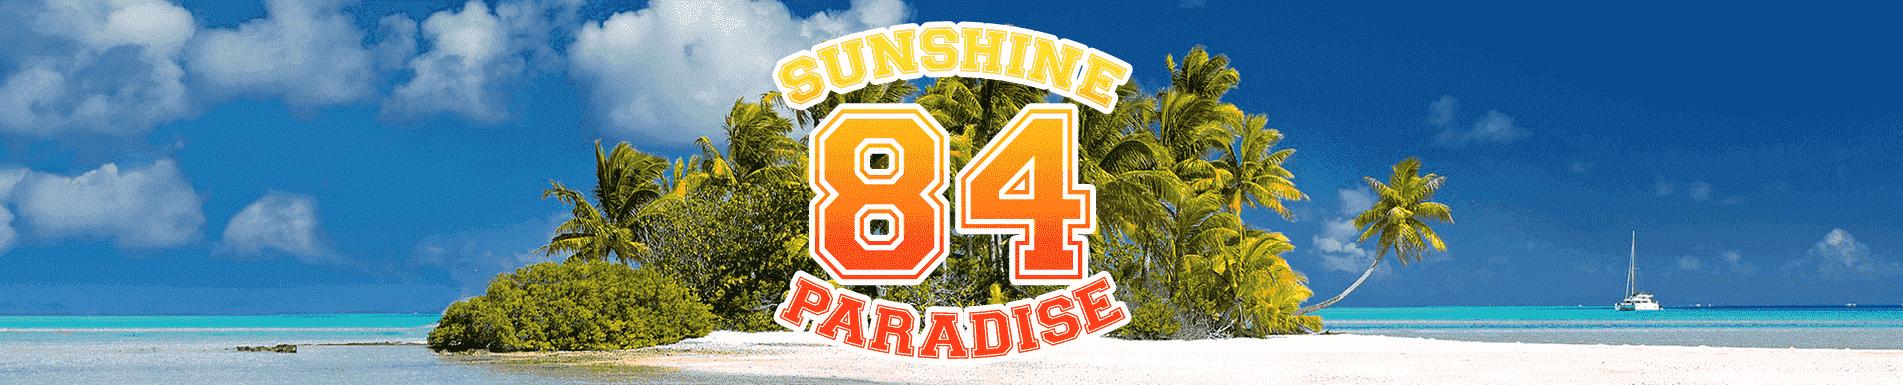 arômes sunshine paradise